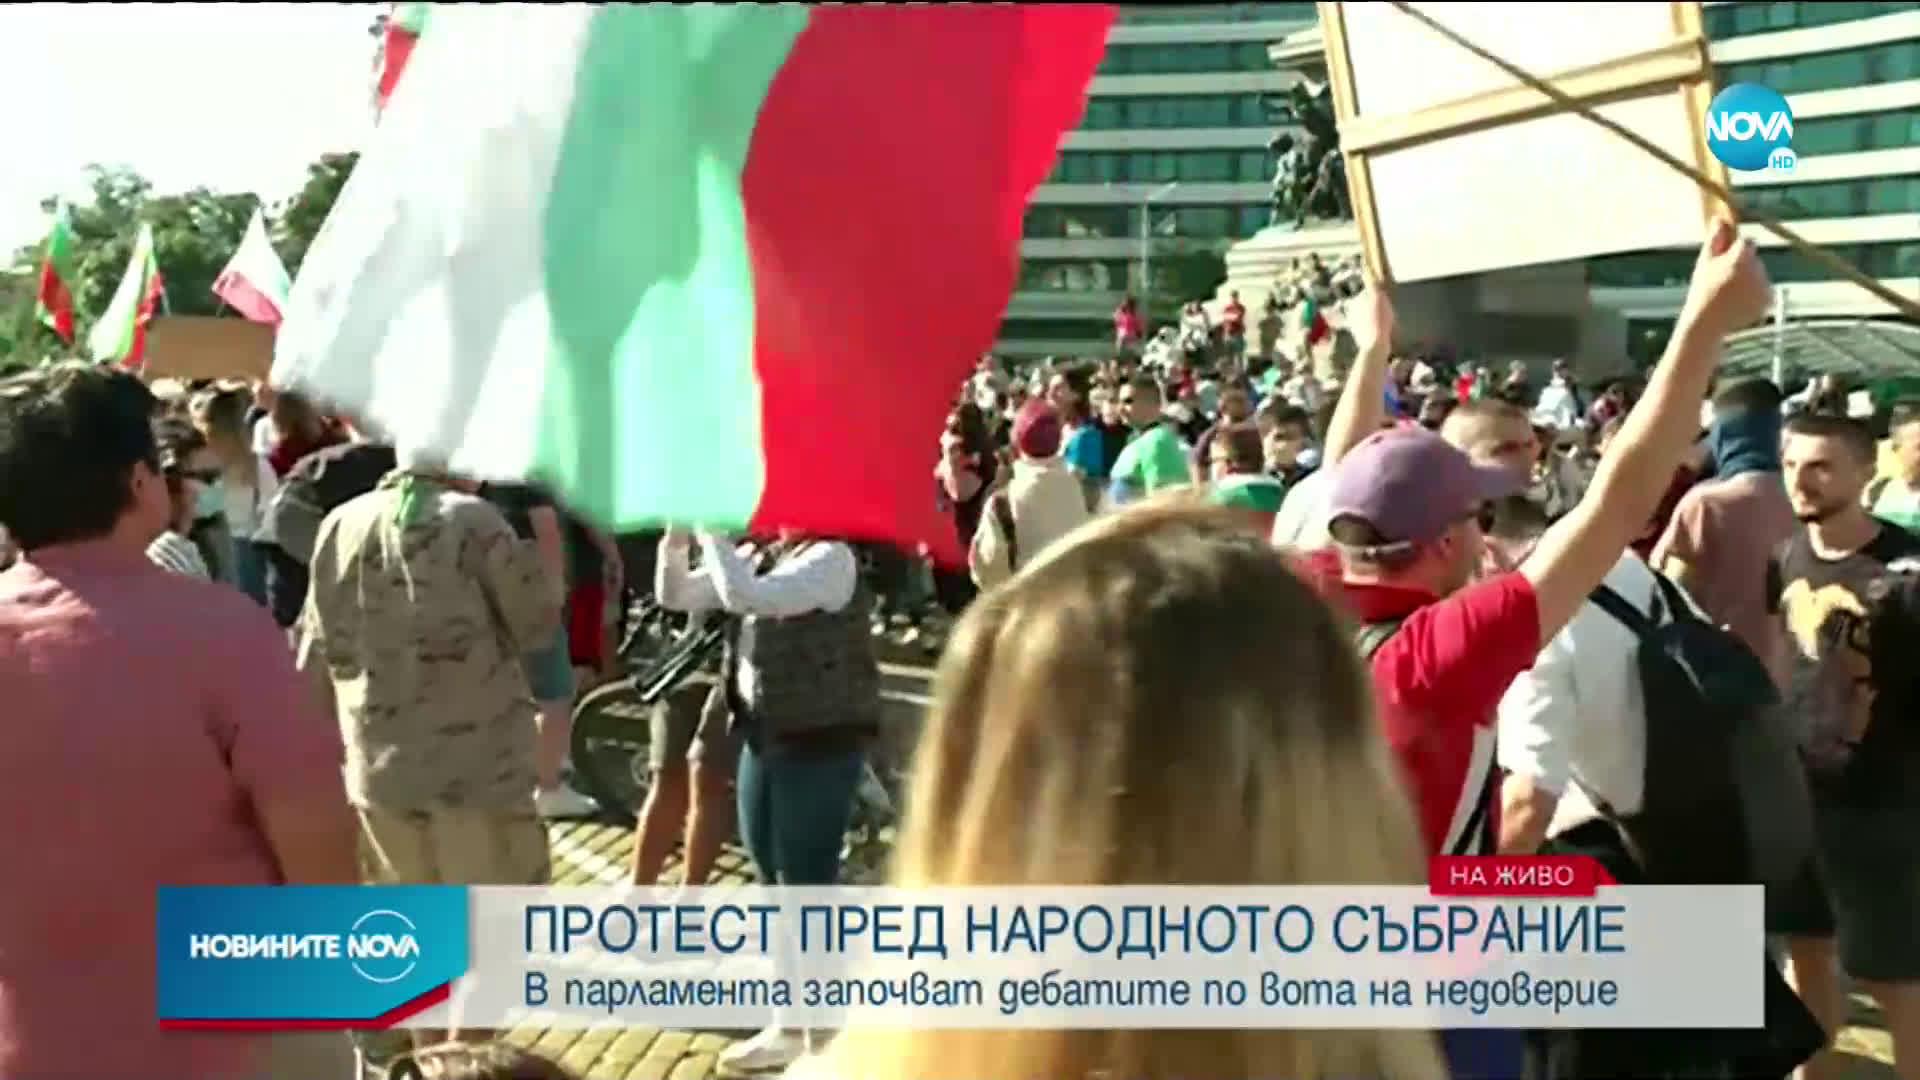 Протестиращи се събраха пред Народното събрание